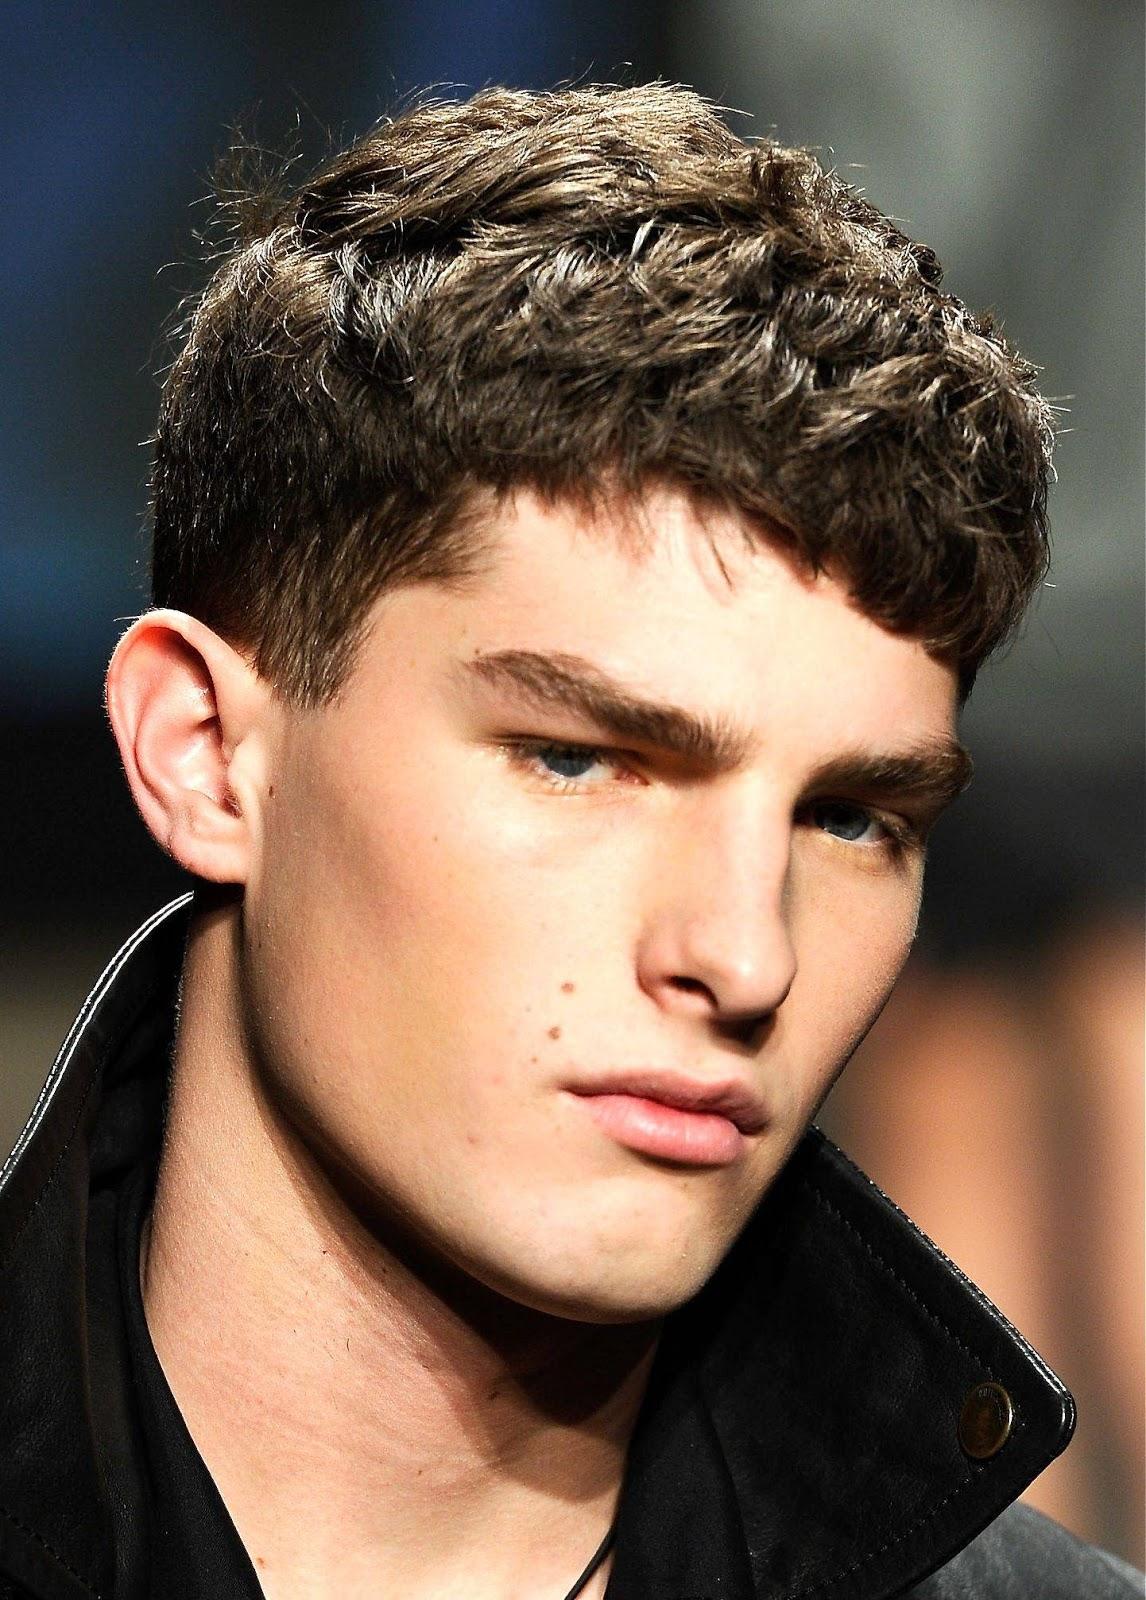 De moda peinados de moda hombre Fotos de cortes de pelo estilo - Estilos y Peinados de moda : Sencillos Cortes de pelo ...